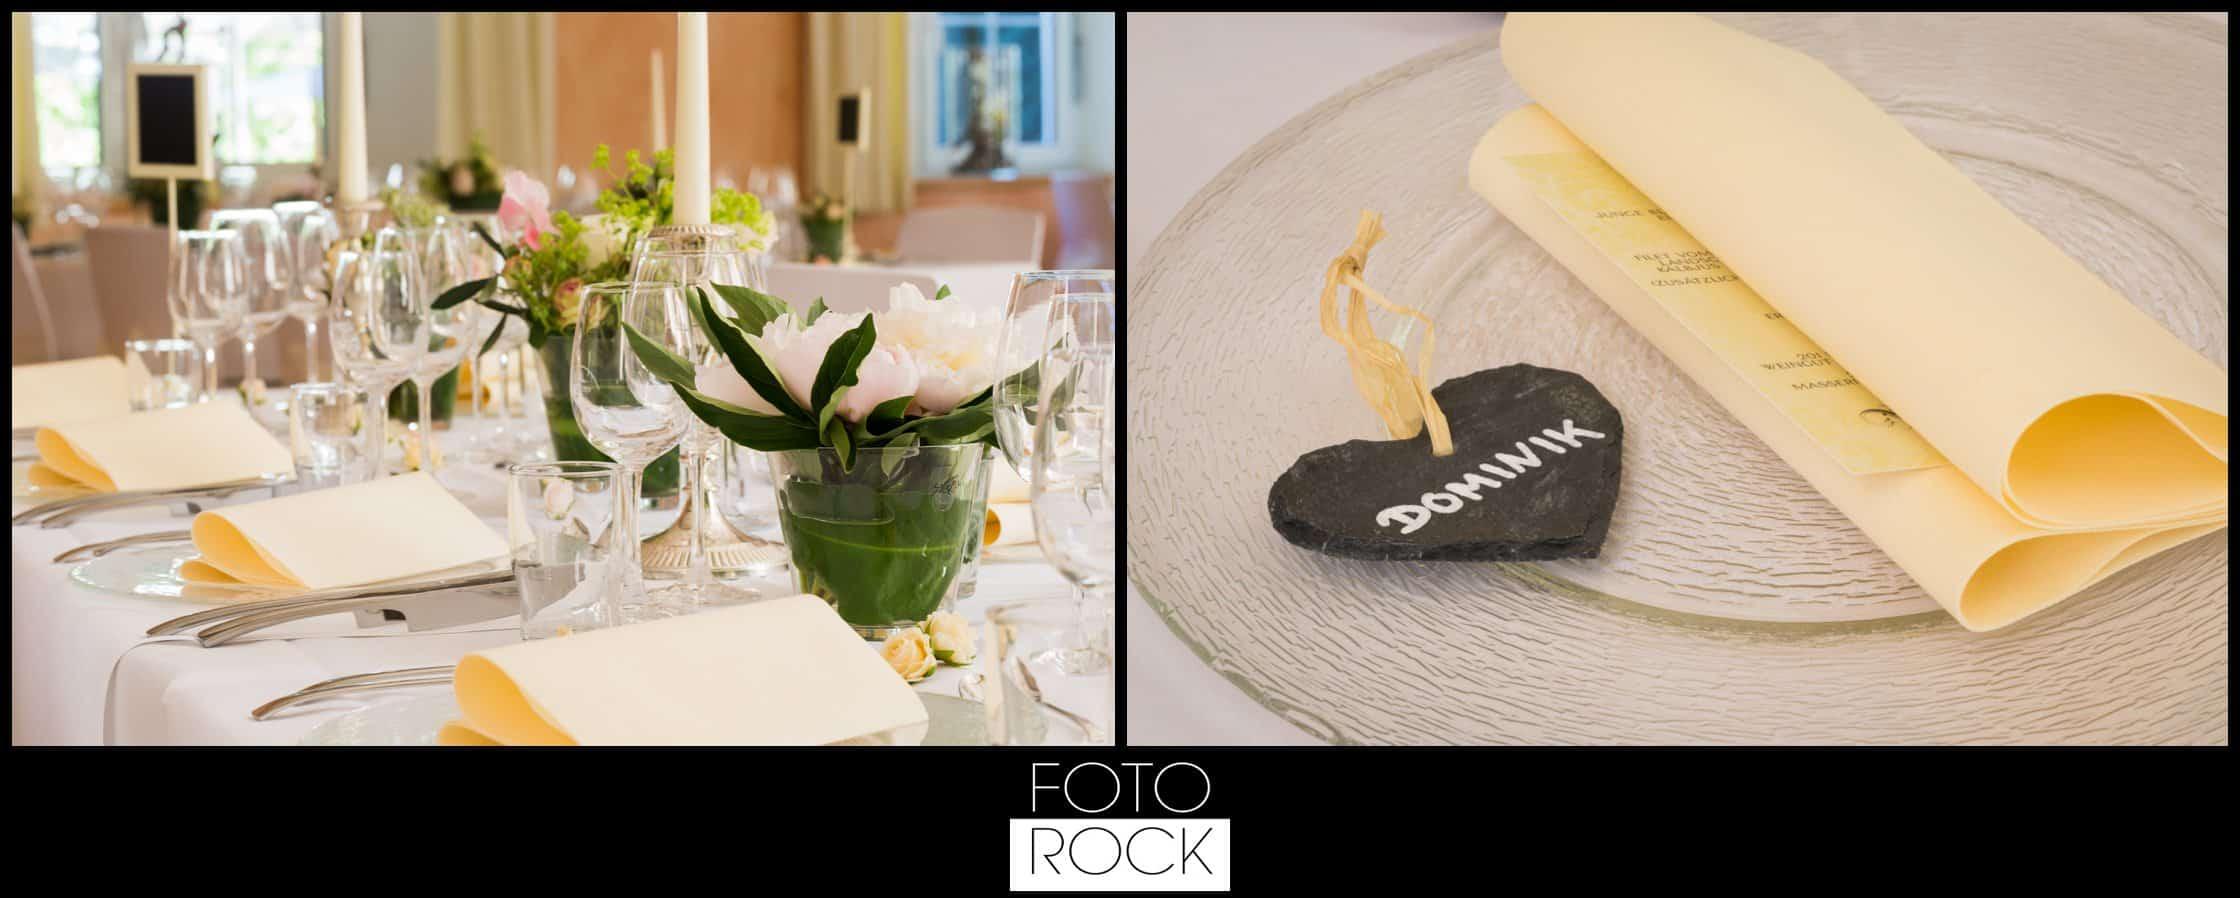 Hochzeit Lilienhof Ihringen Deko Dekoration Tisch Blumen Kerzen